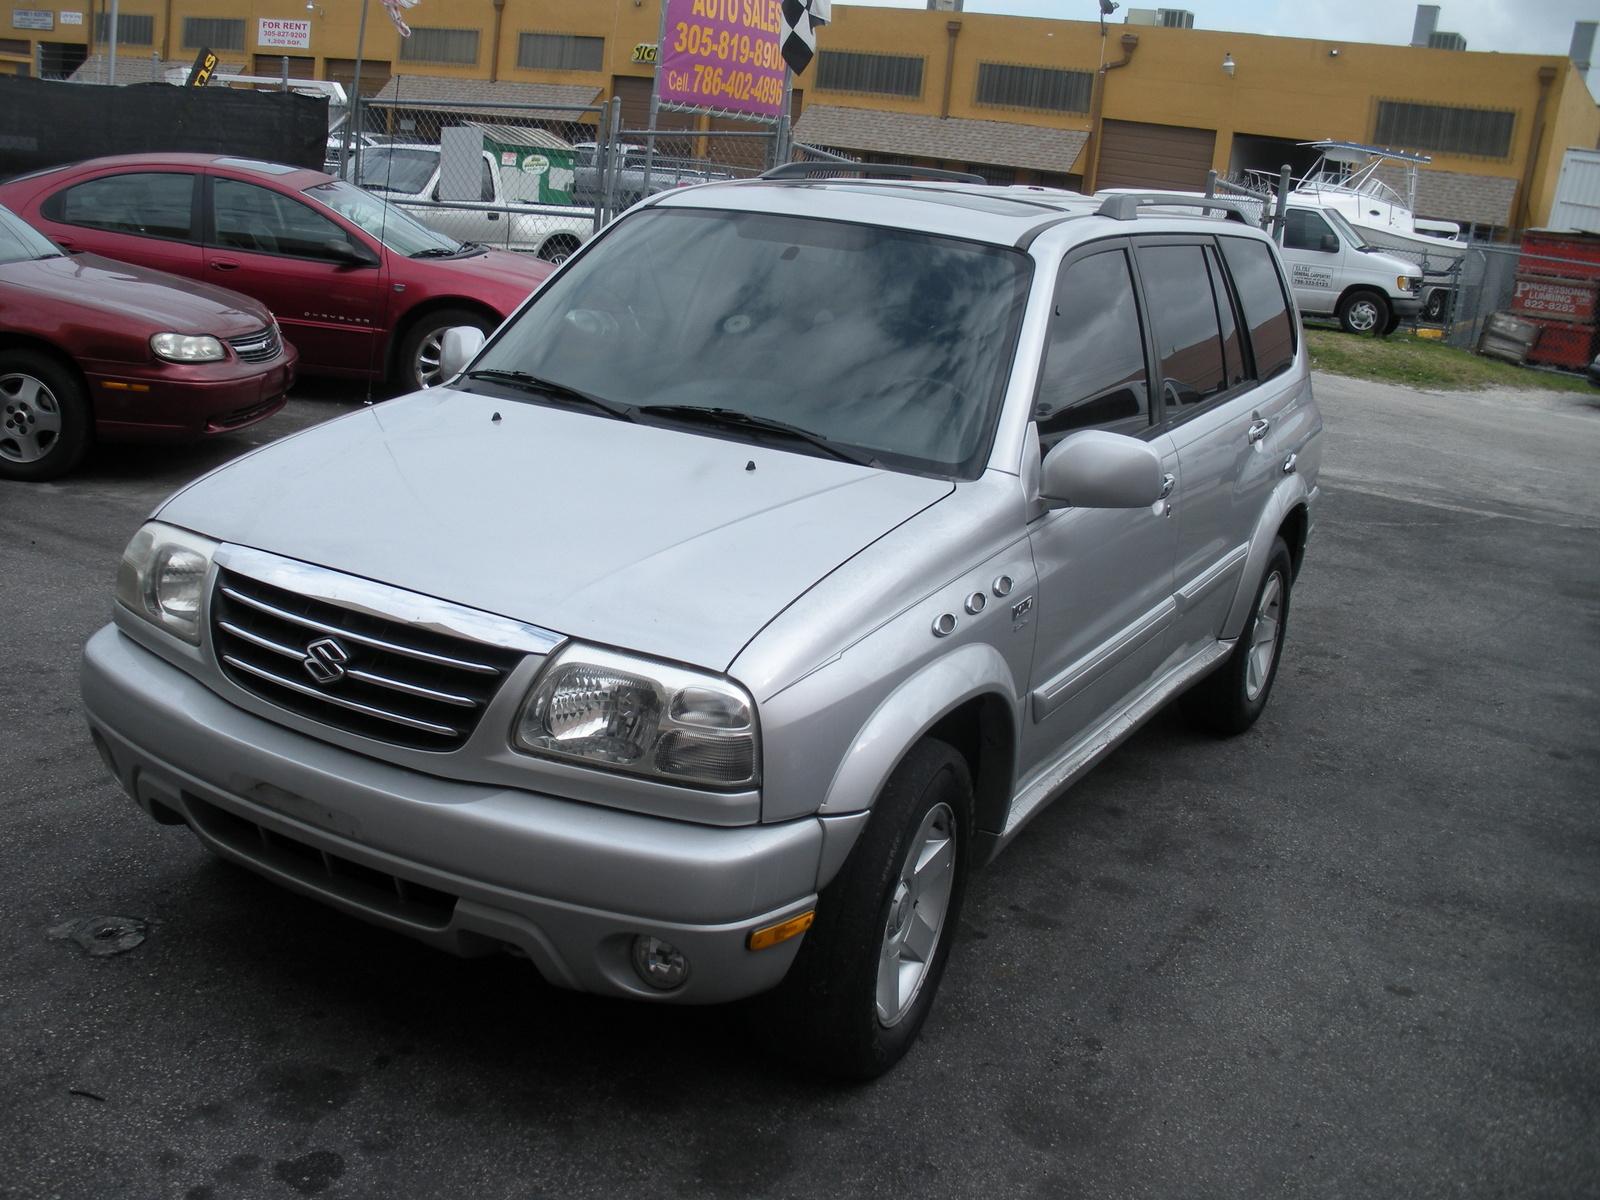 Suzuki XL7, toujours en qu?te de respect  Suzuki XL7 2005